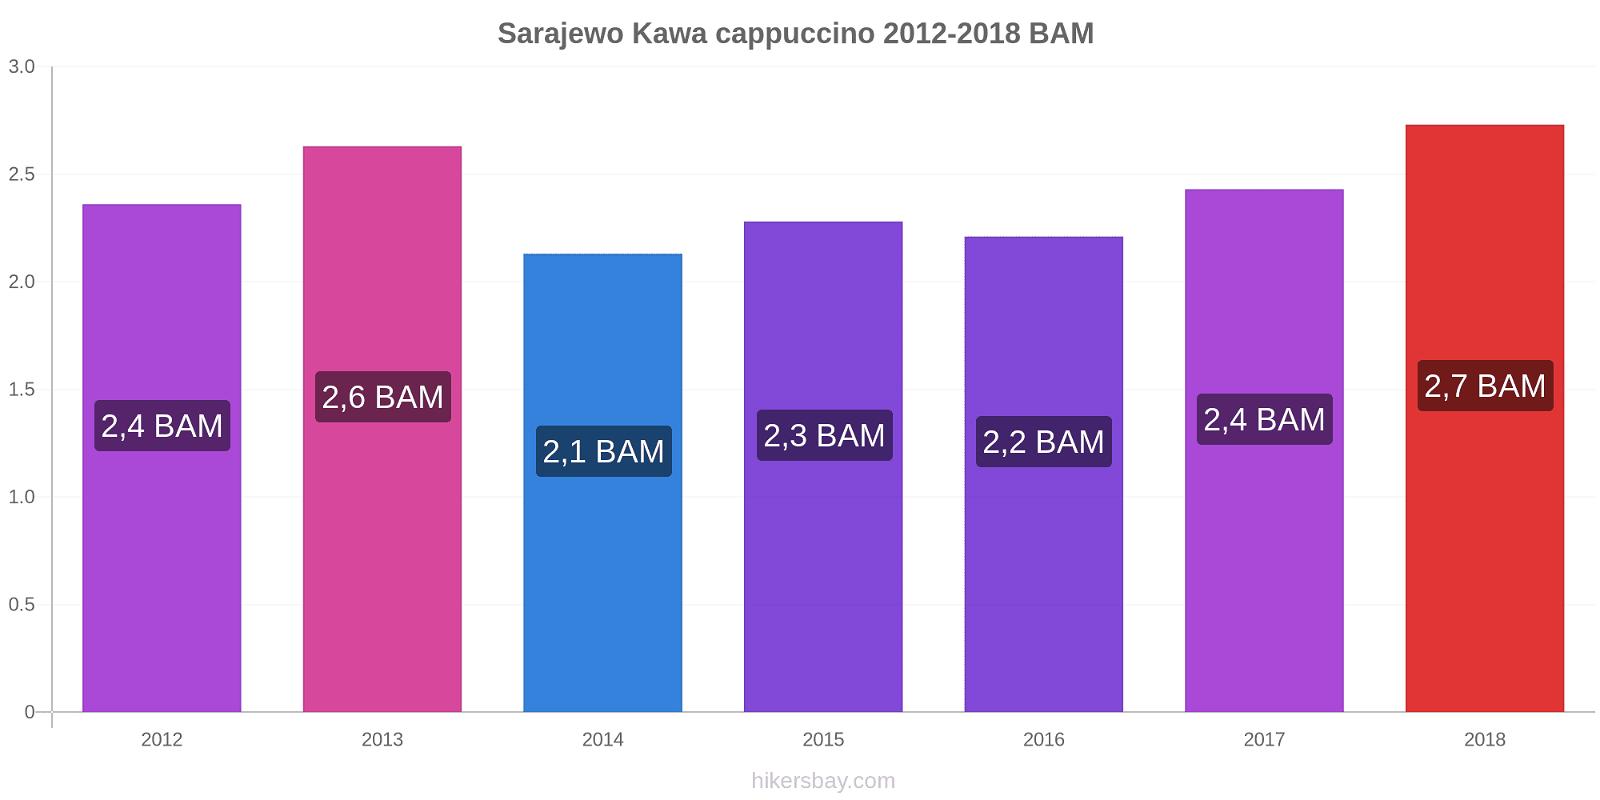 Sarajewo zmiany cen Kawa cappuccino hikersbay.com